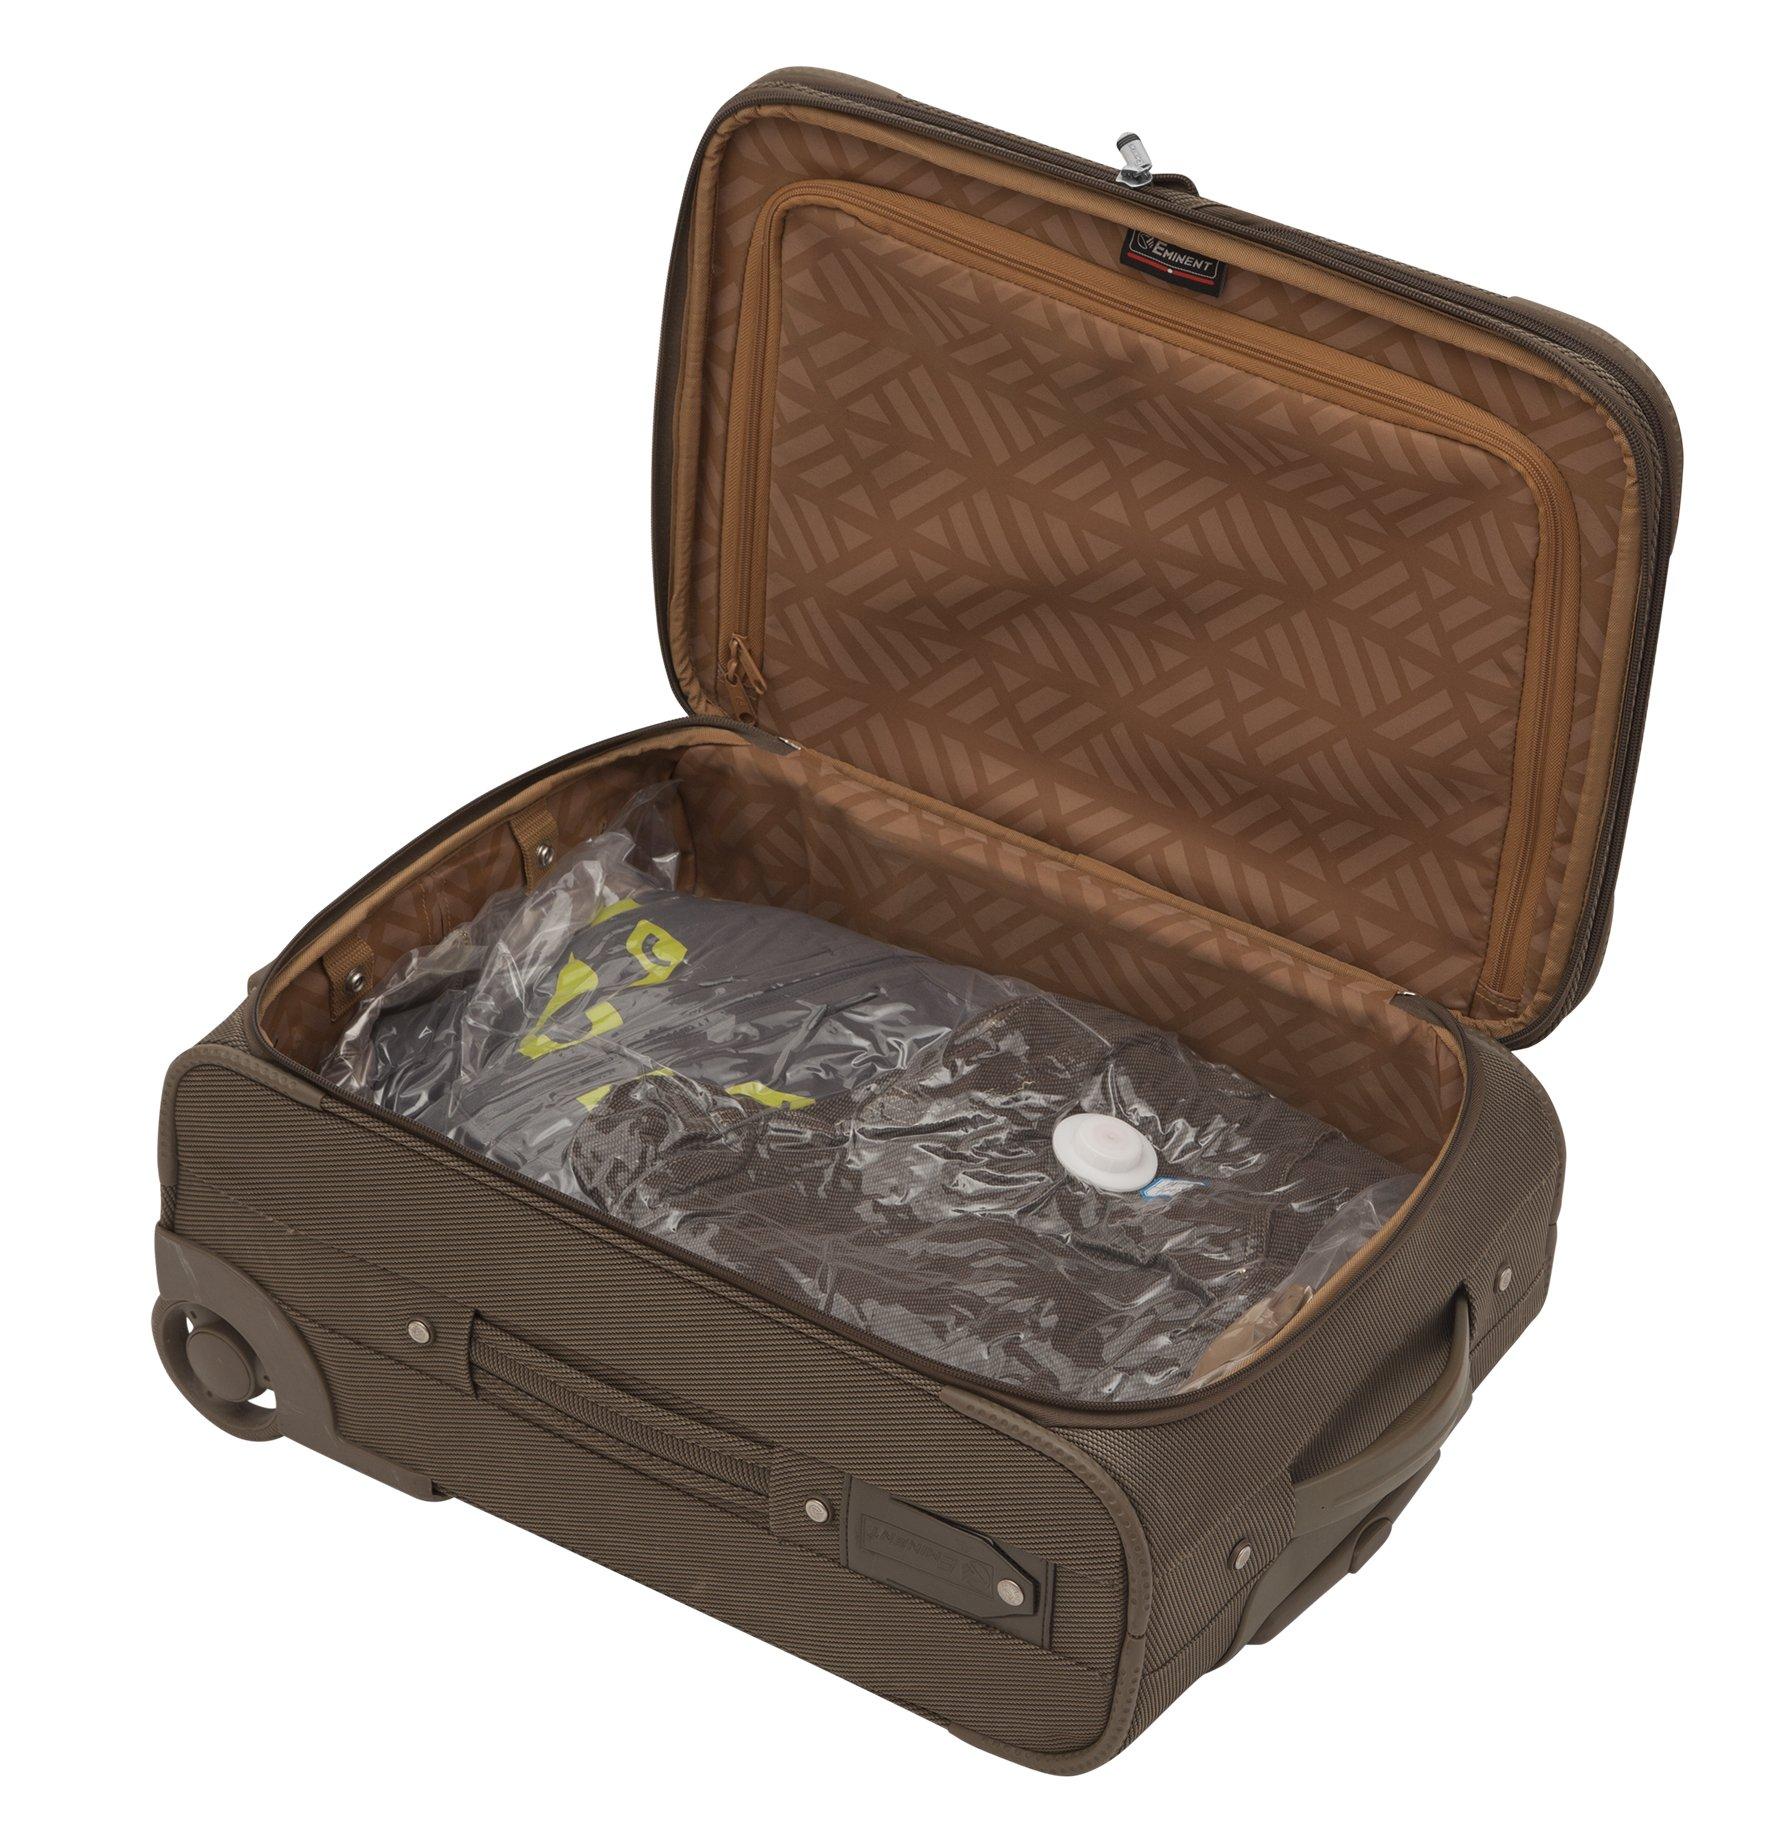 6 er Set Vakuumier Beutel 80% weniger Volumen verschiedene Größen 2* 100x80, 2* 80 x 60, 2* 50x60 cm MY VACUUM BAG TO STORE auch als Kompressionsbeutel für Kleidung, Bettwäsche, bei der Reise geeignet